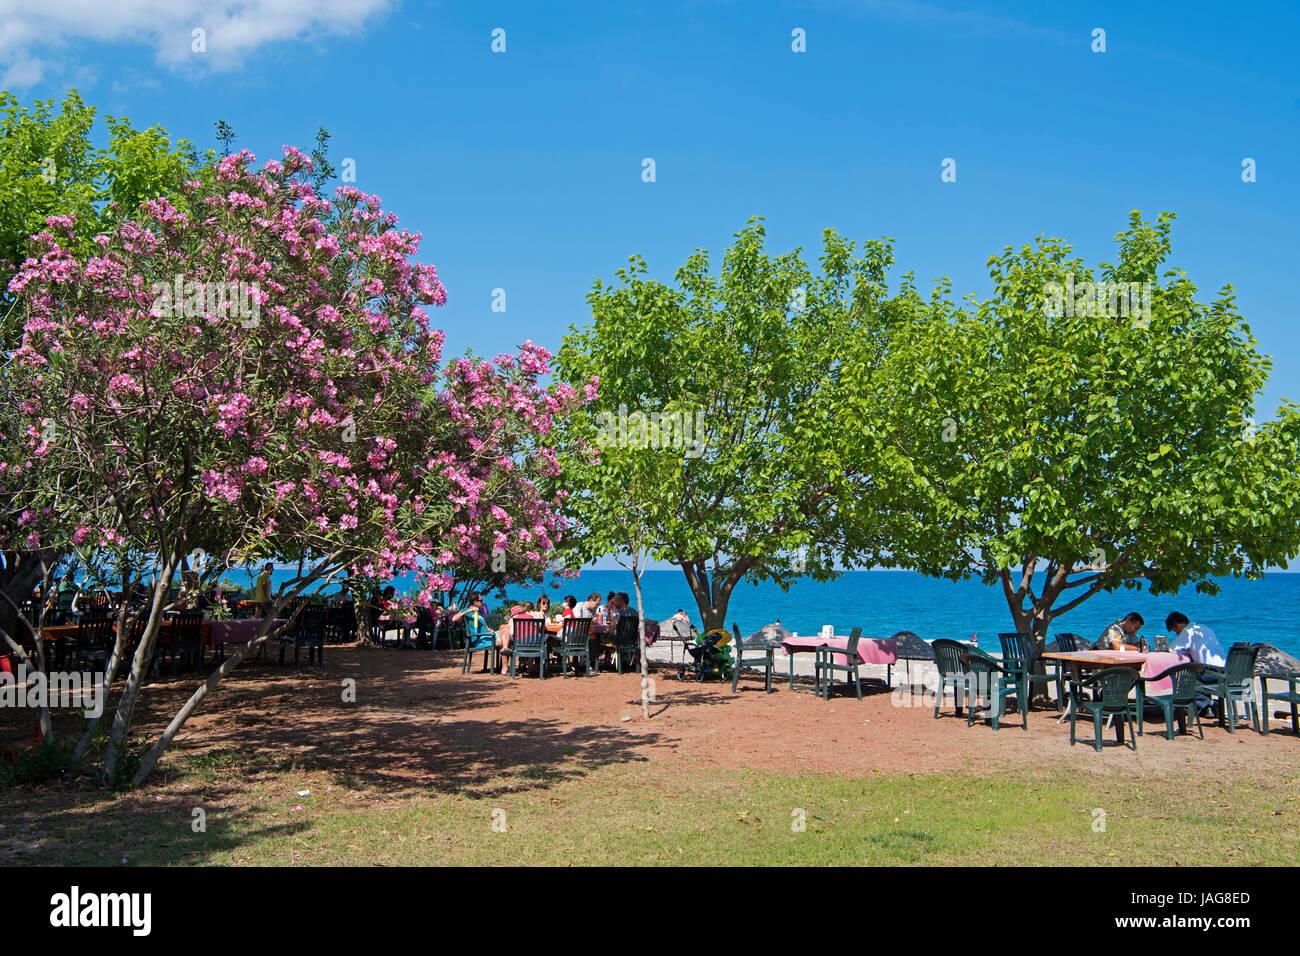 Asien, Türkei, Provinz Antalya, Restaurant am Strand vom Dorf Cirali bei Olympos - Stock Image